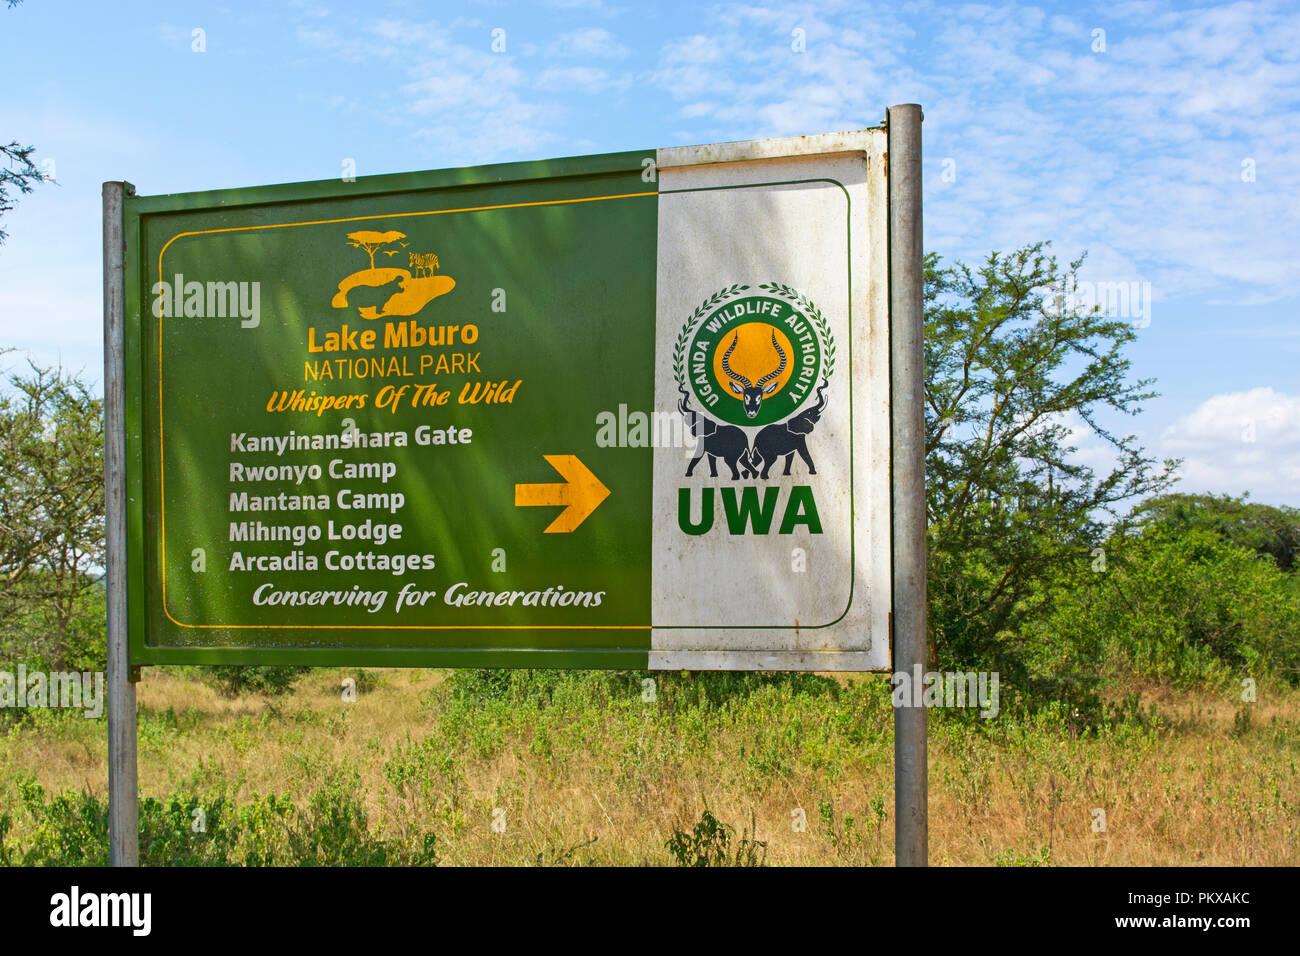 Signe, parc national du lac Mburo avec des directions pour Kwaninyanshara Rwonyo Gate, Camp, Mantana Camp, Mihingo Lodge & Cottages d'Arcadia, Afrique de l'Est de l'Ouganda Photo Stock